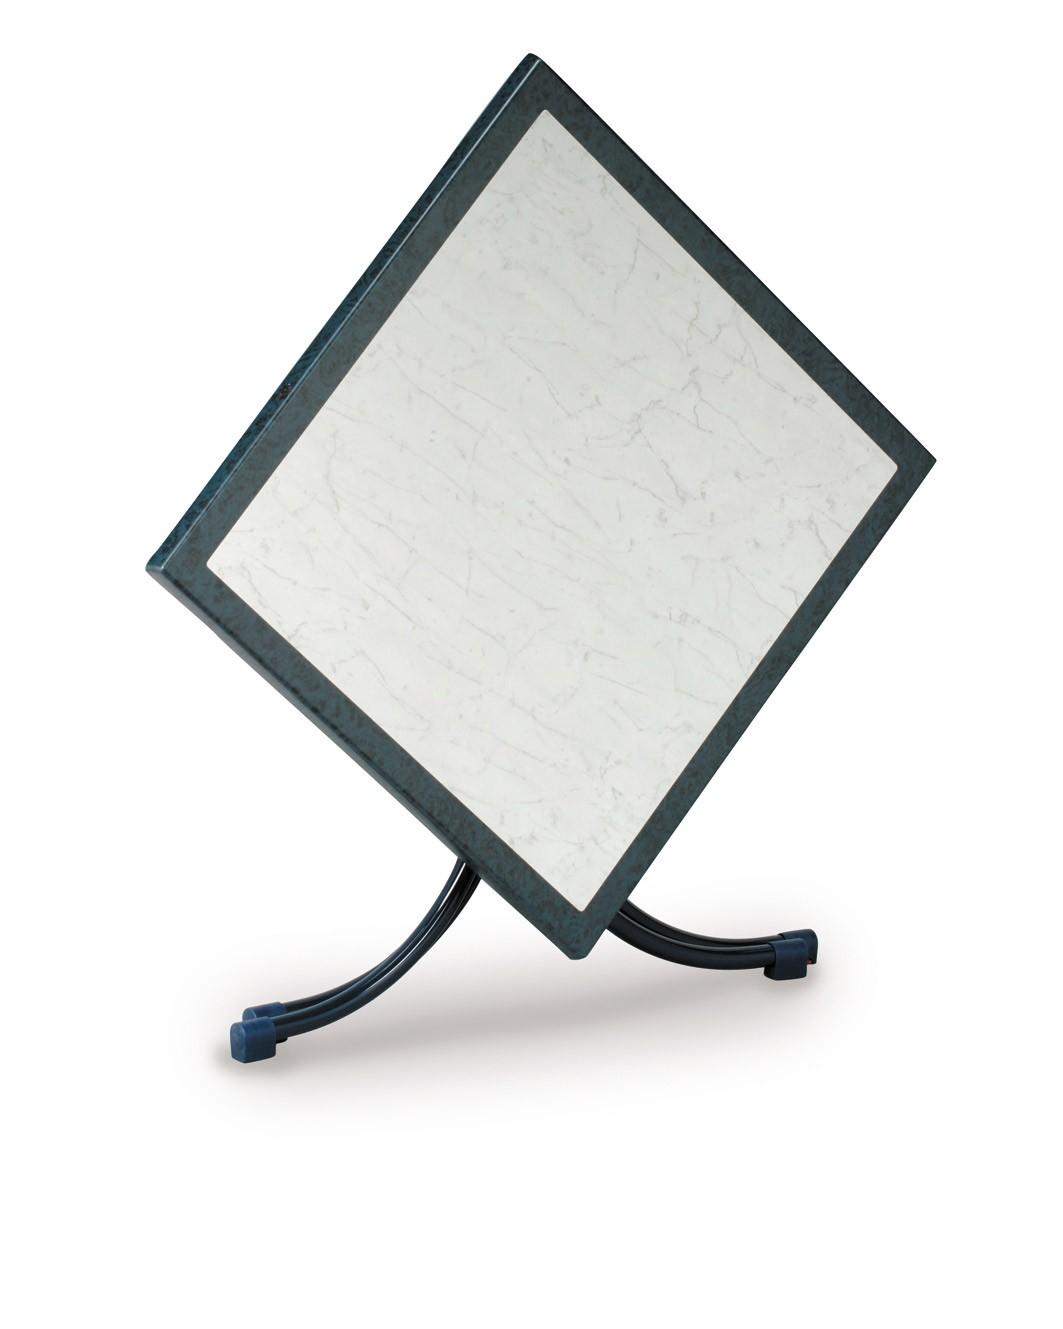 Gartentisch / Klapptisch Boulevard Best 80x80cm Stahl anthr. Catalan Bild 2